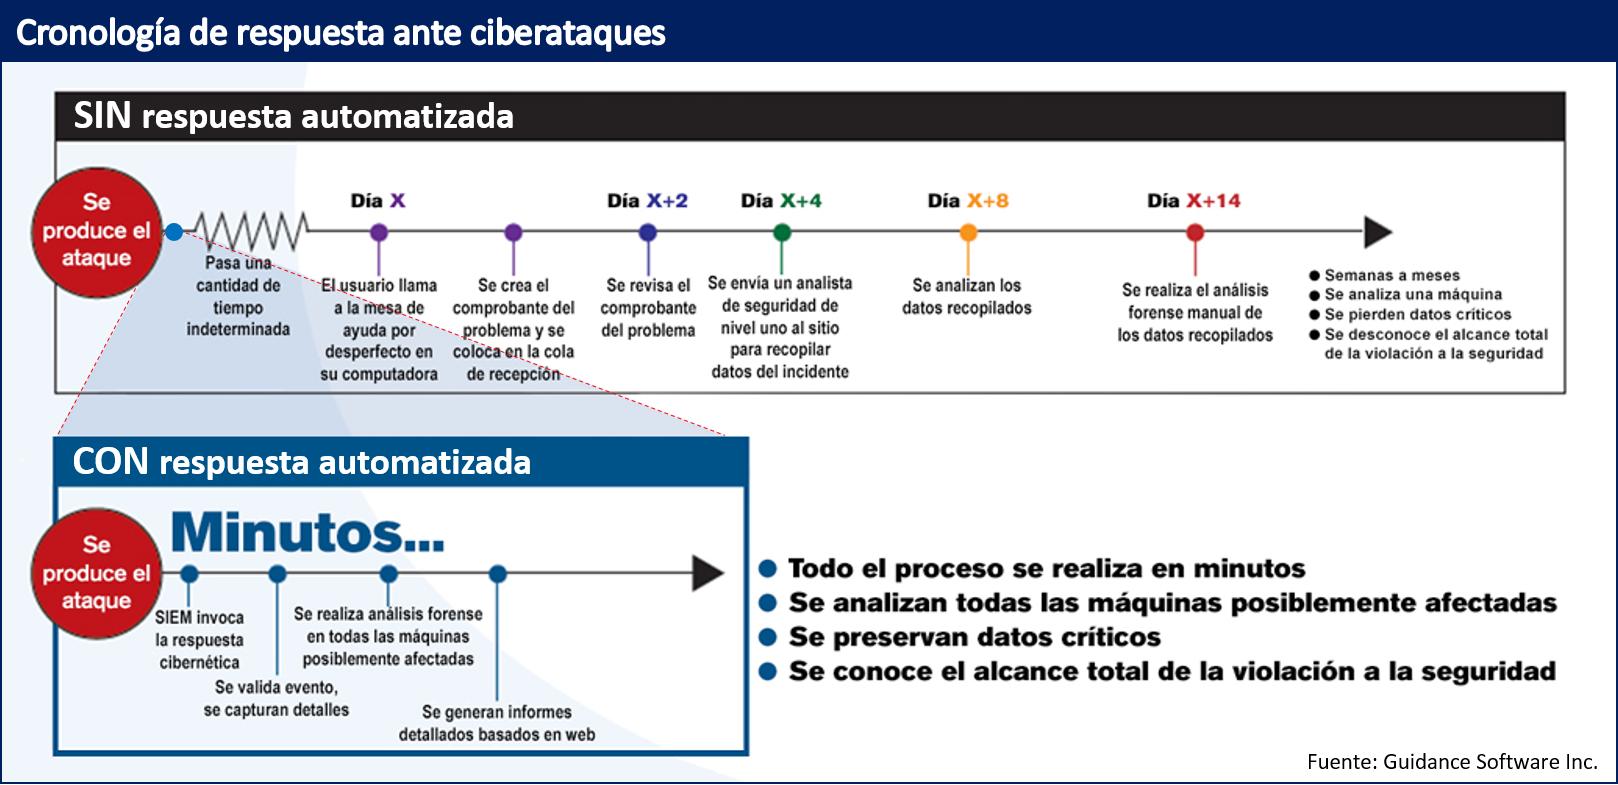 Foto de Cronología de respuesta ante ciberataques